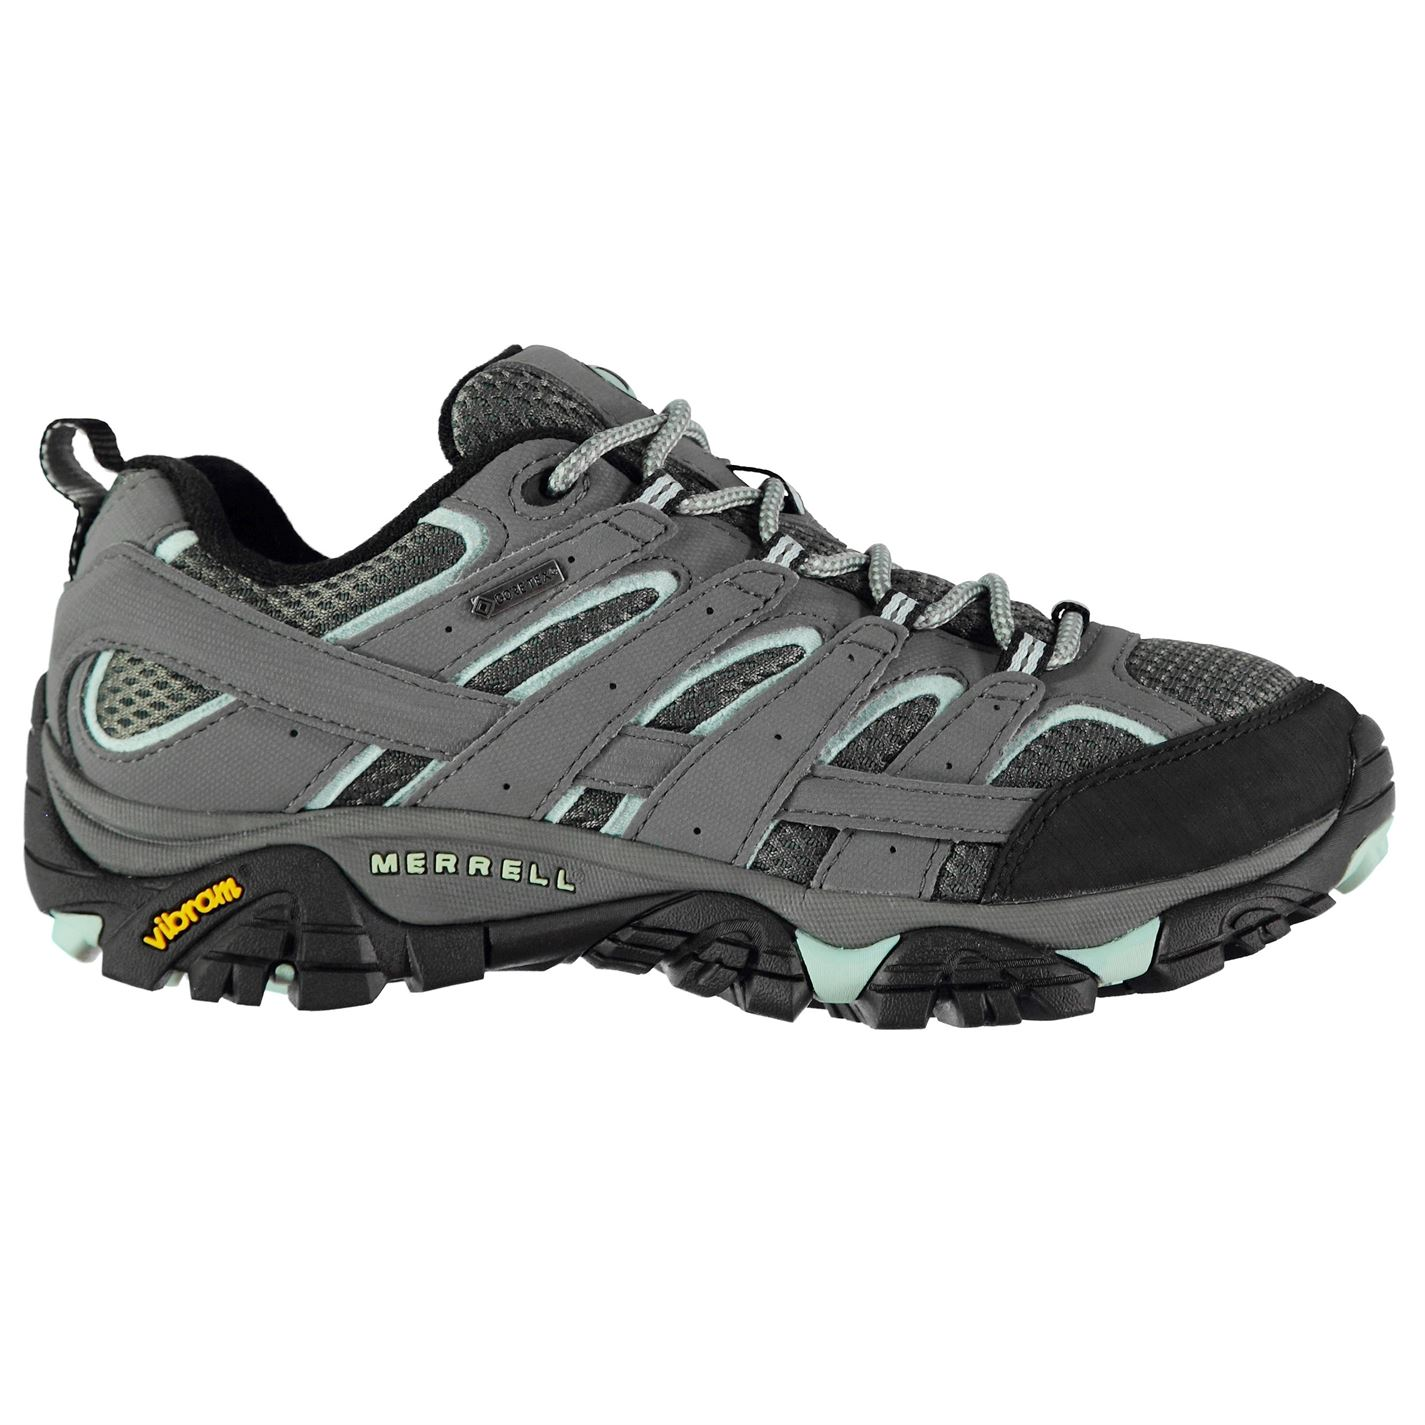 boty Merrell Moab 2 GTX dámské Walking Shoes Sedona Sage - Glami.cz 9aac59eb95